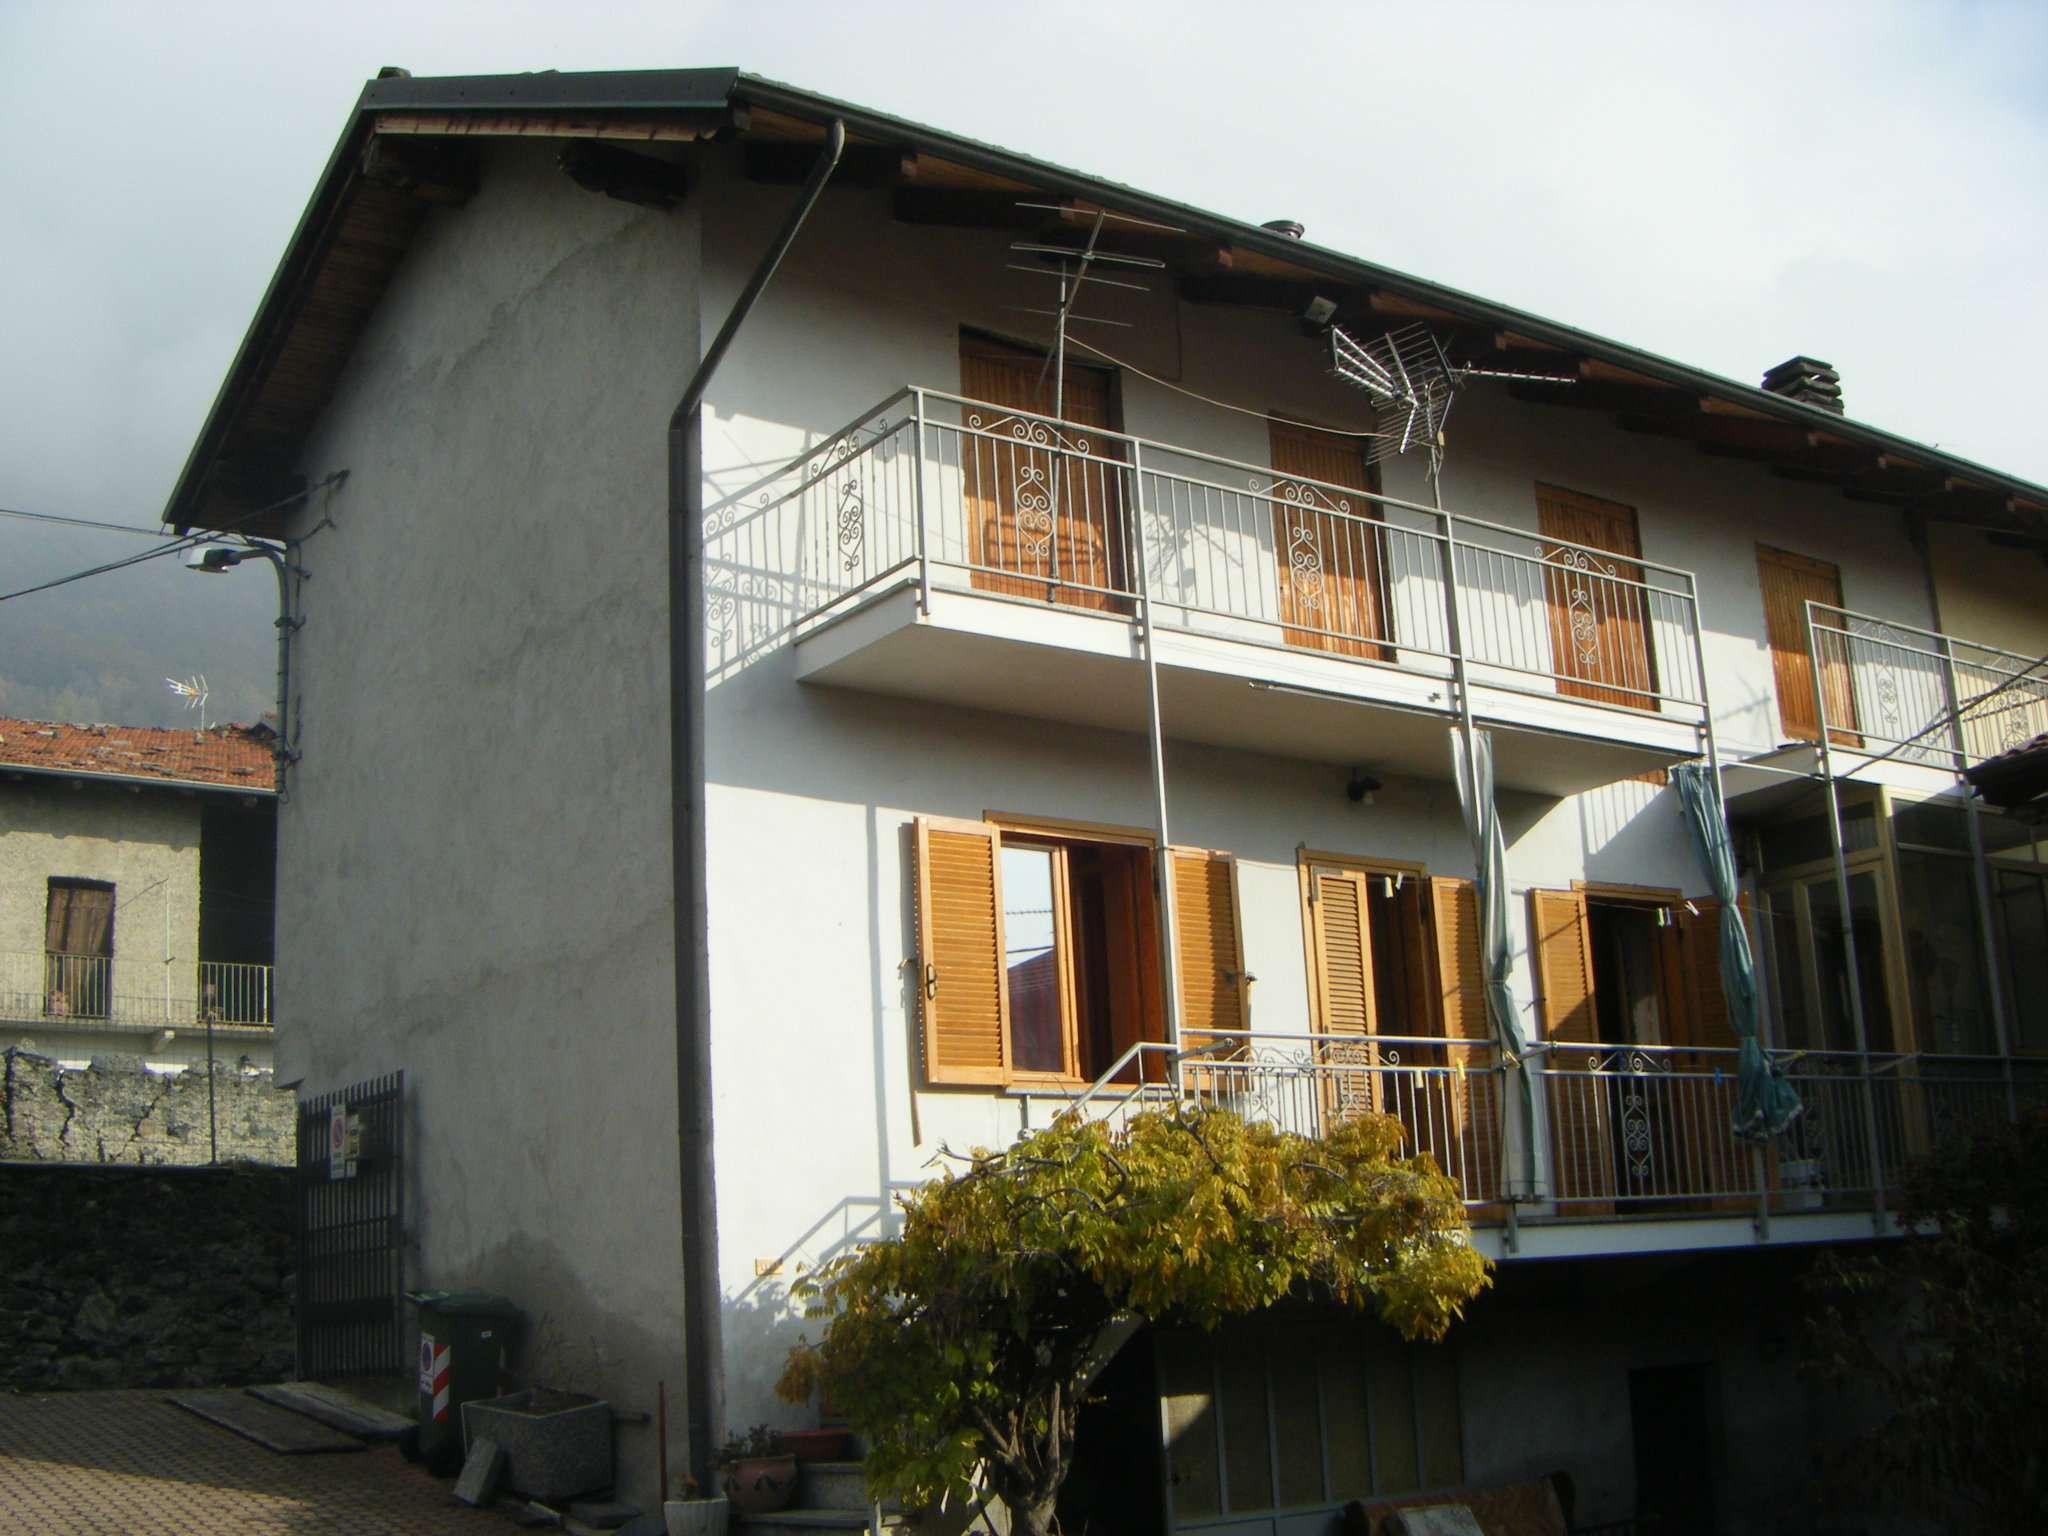 Rustico / Casale in vendita a Bruzolo, 2 locali, prezzo € 95.000 | CambioCasa.it